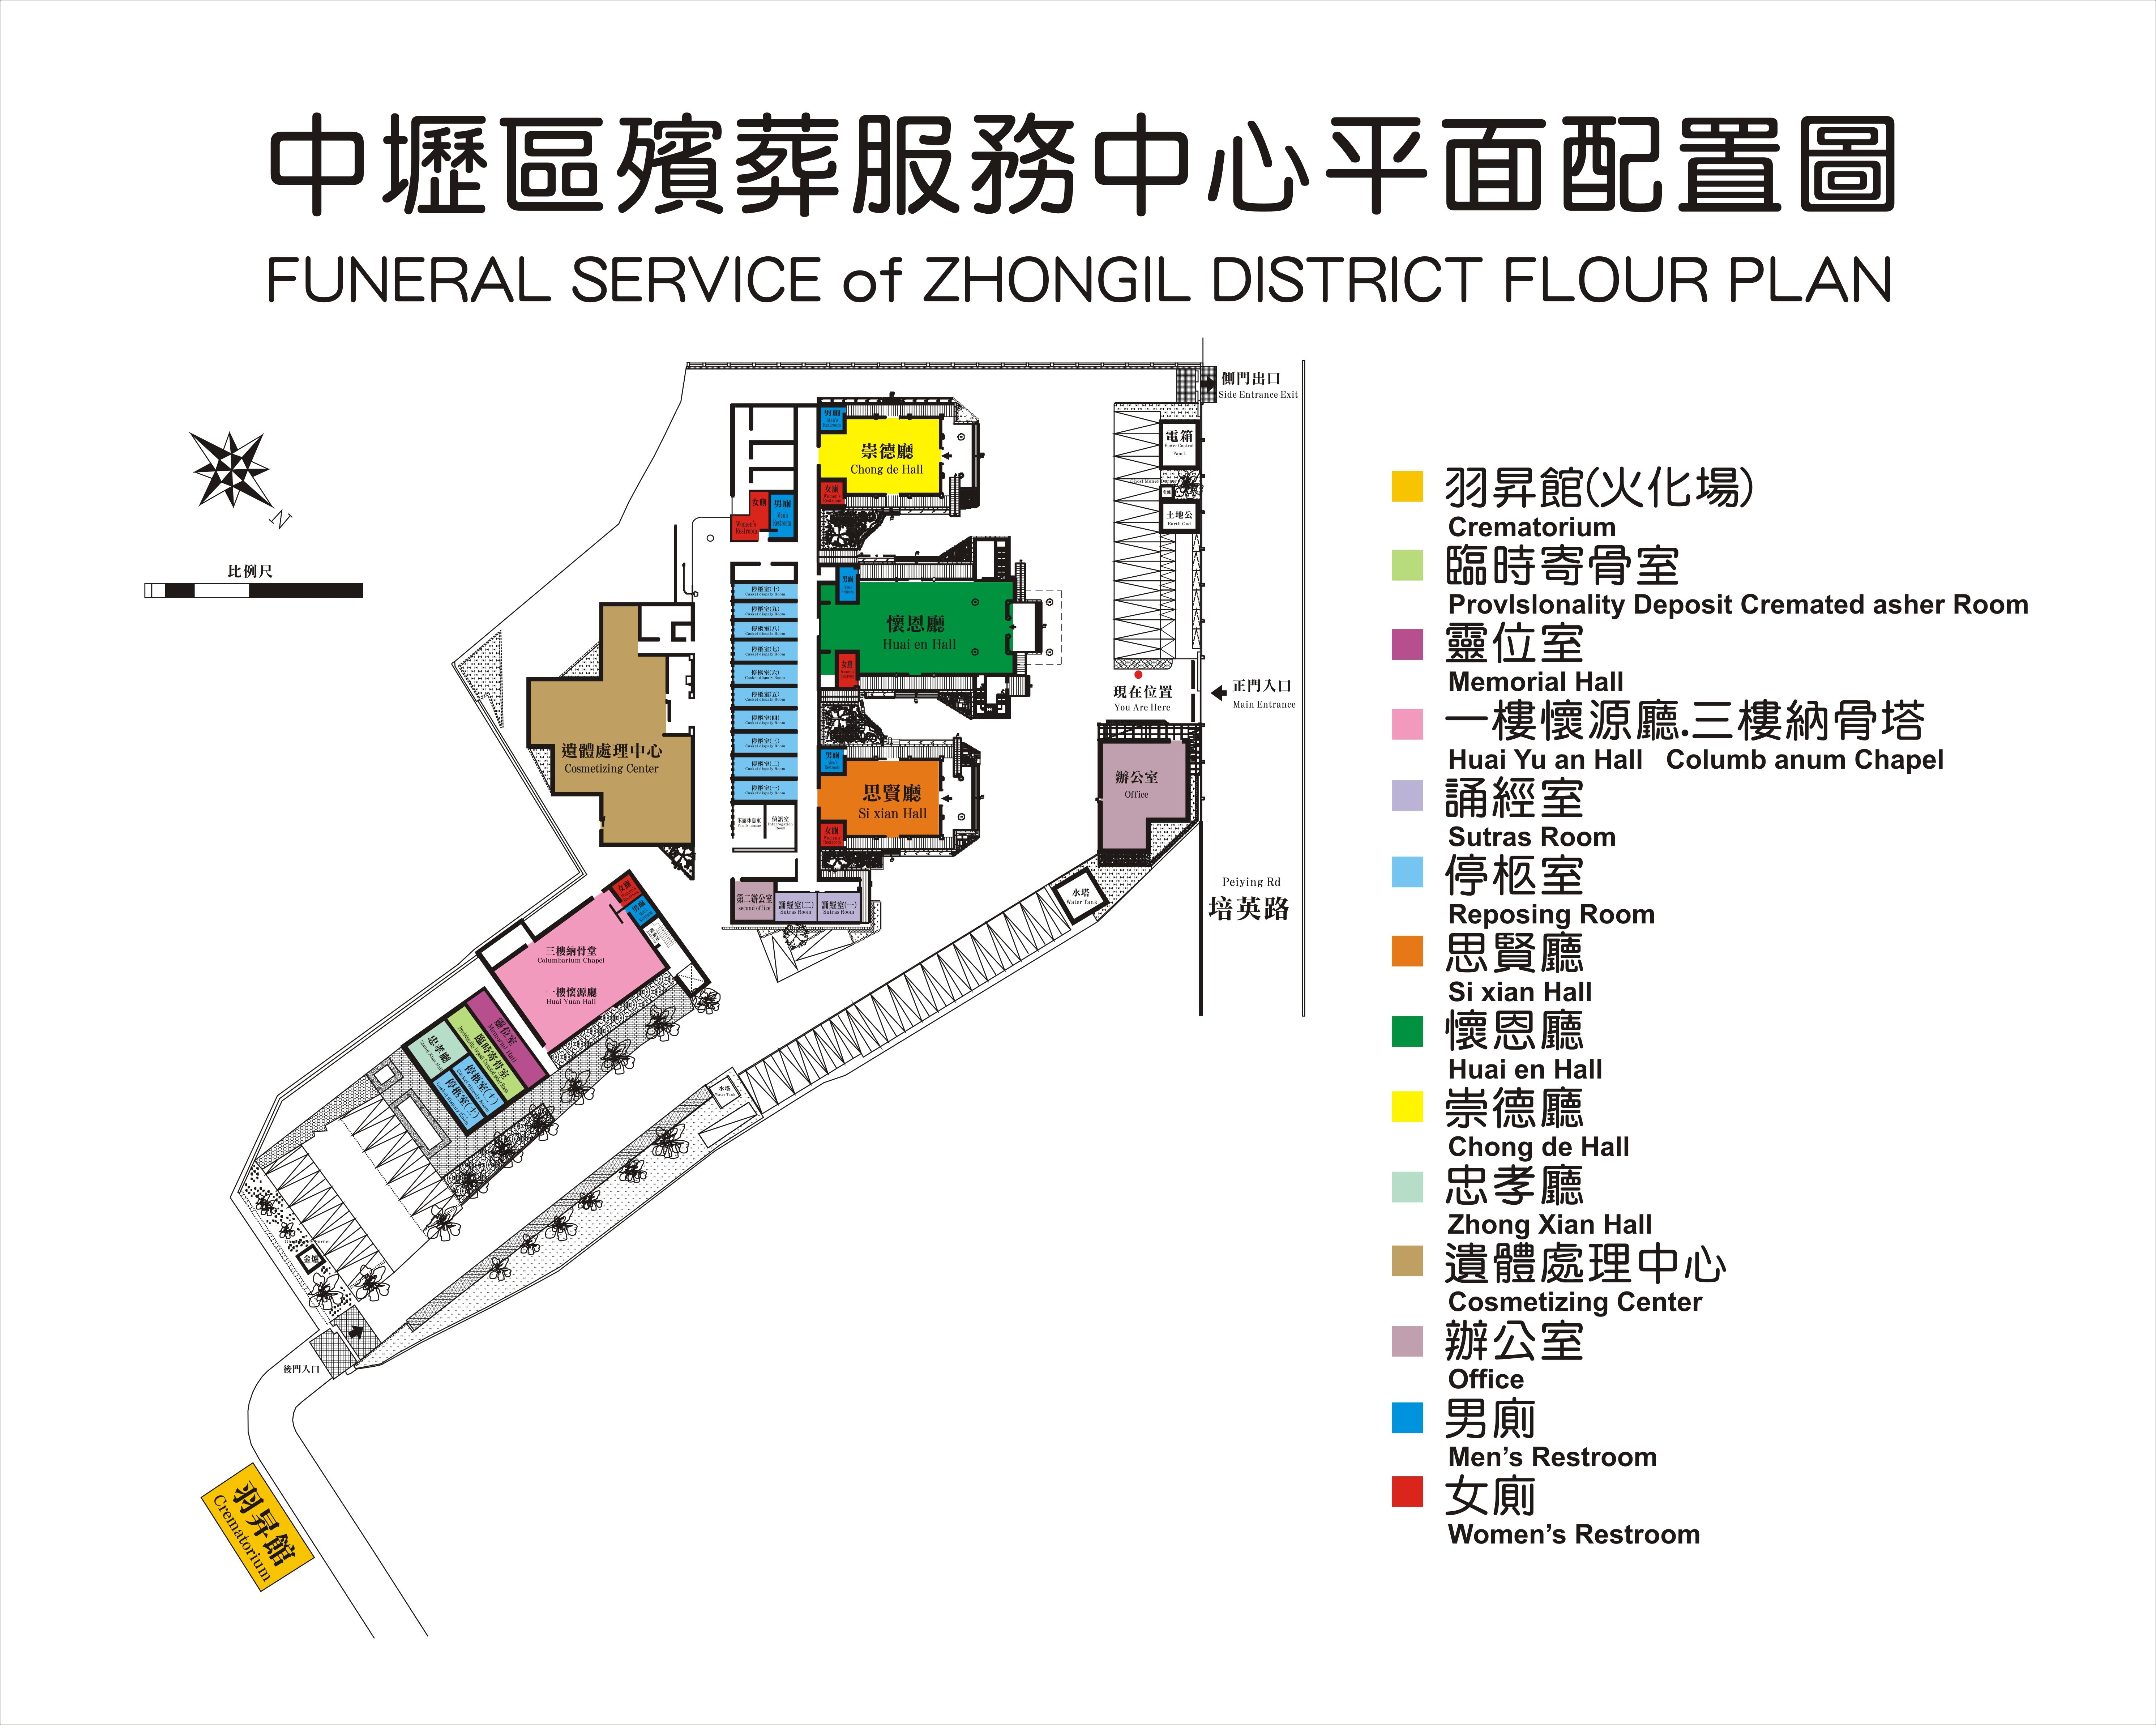 中壢殯葬所平面配置圖